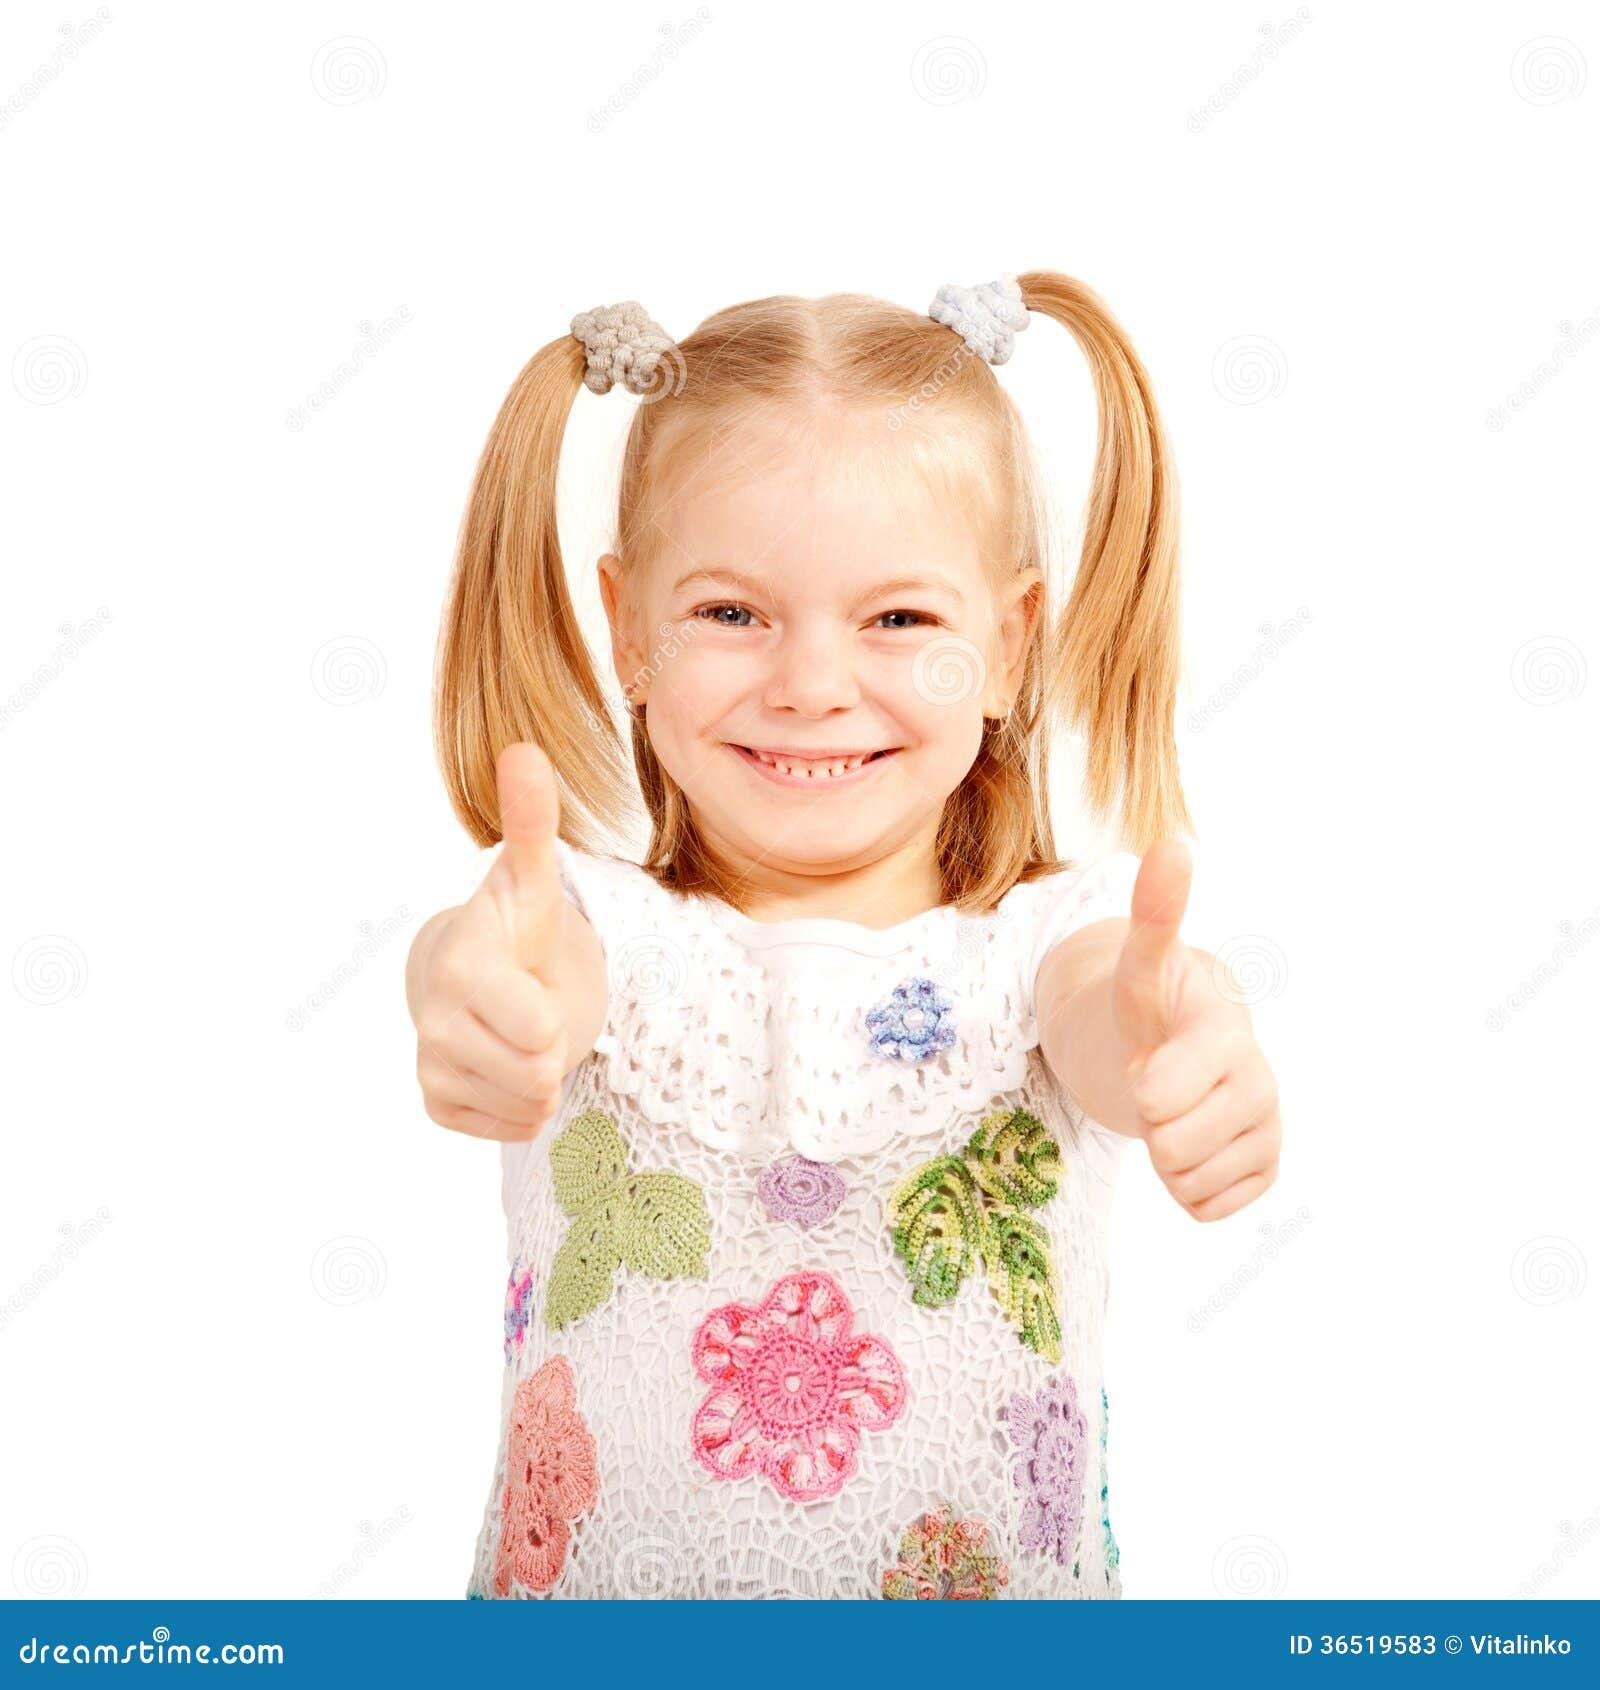 Il bambino sorridente che mostra i pollici aumenta il simbolo.